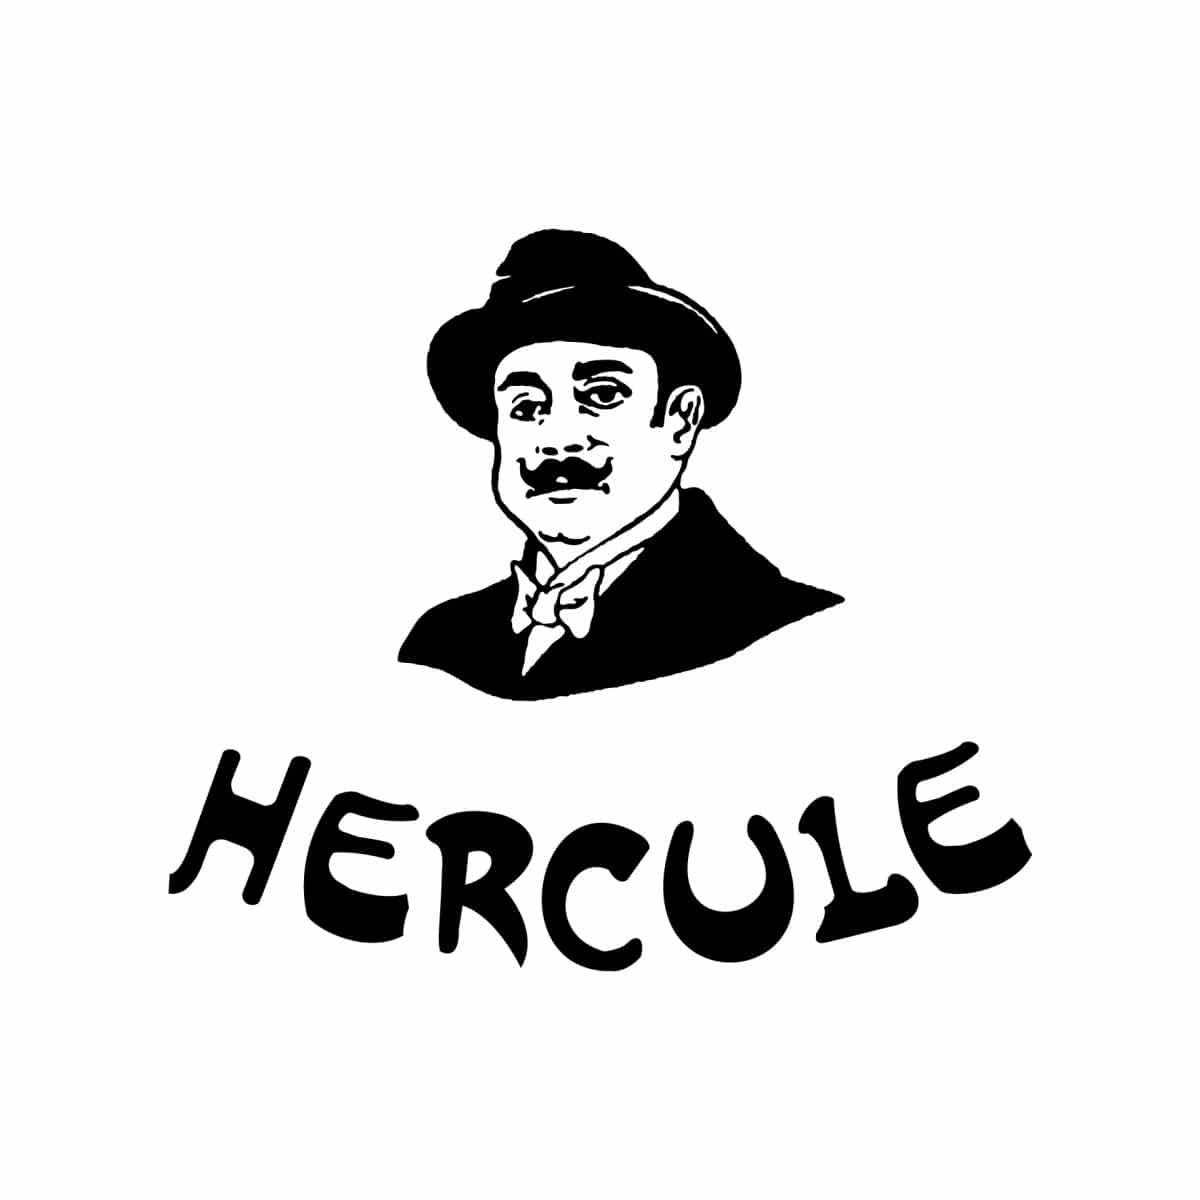 Hercule_NB